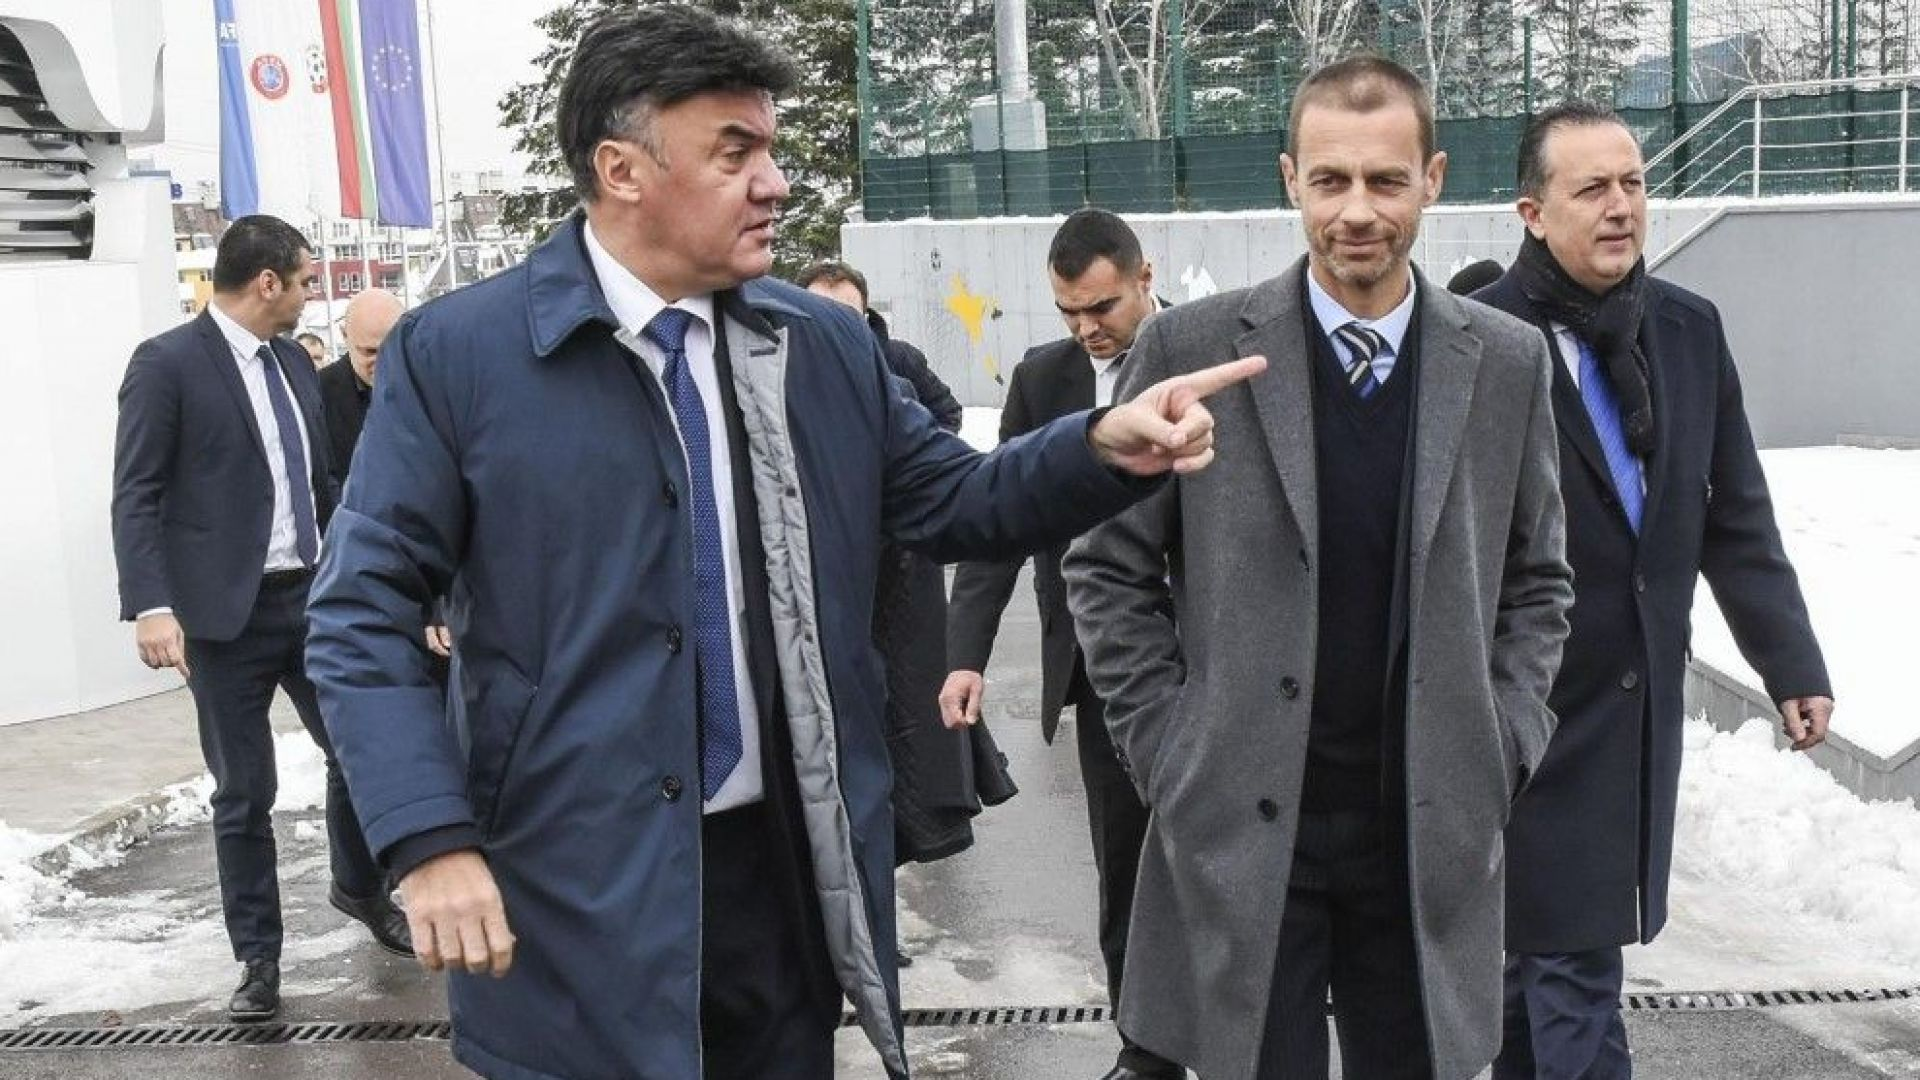 Борислав Михайлов тръгва на предизборна обиколка